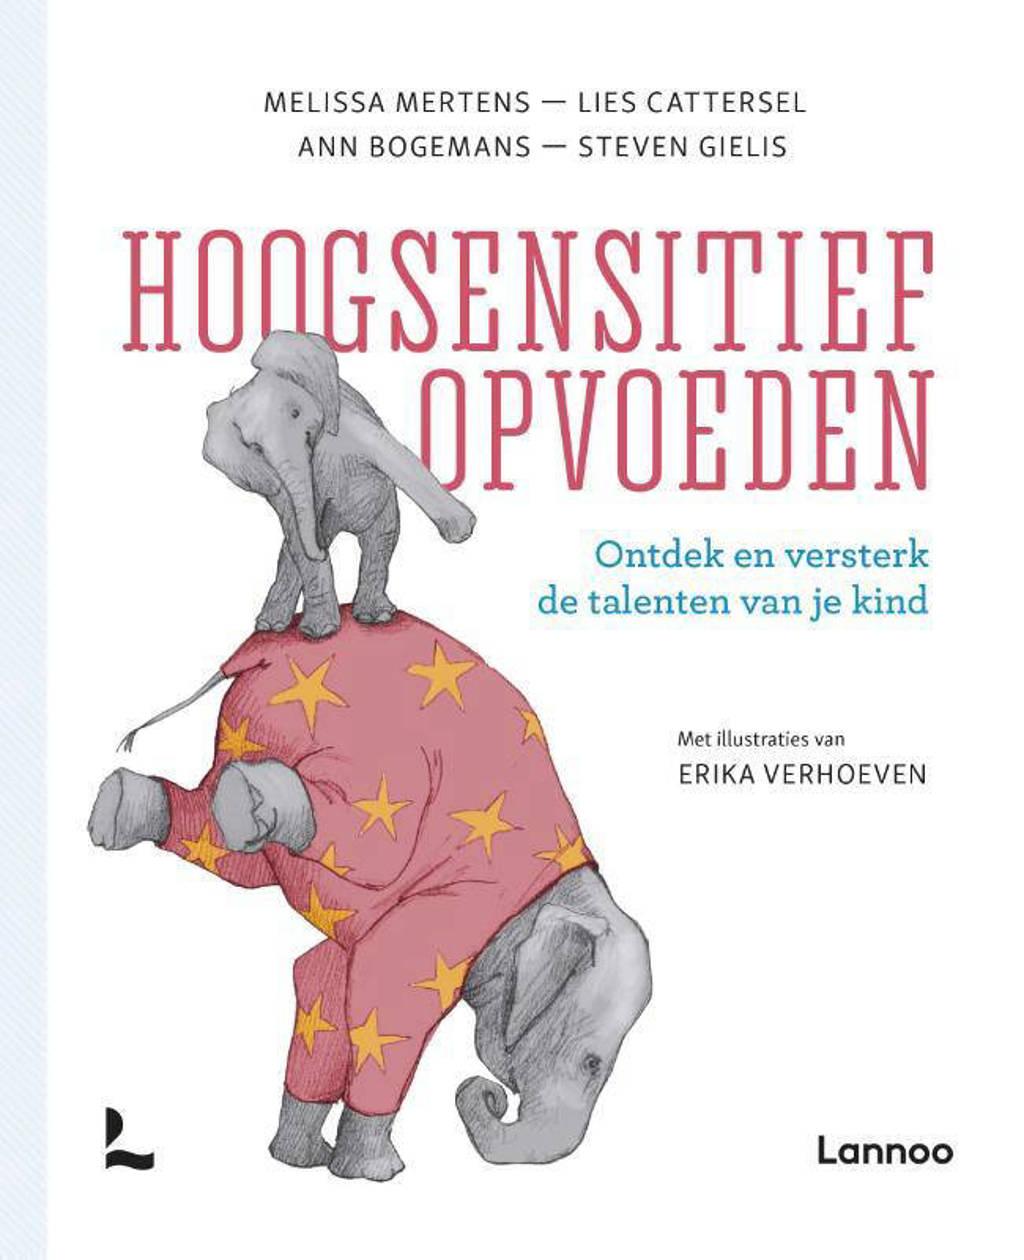 Hoogsensitief opvoeden - Melissa Mertens, Lies Cattersel, Ann Bogemans, e.a.